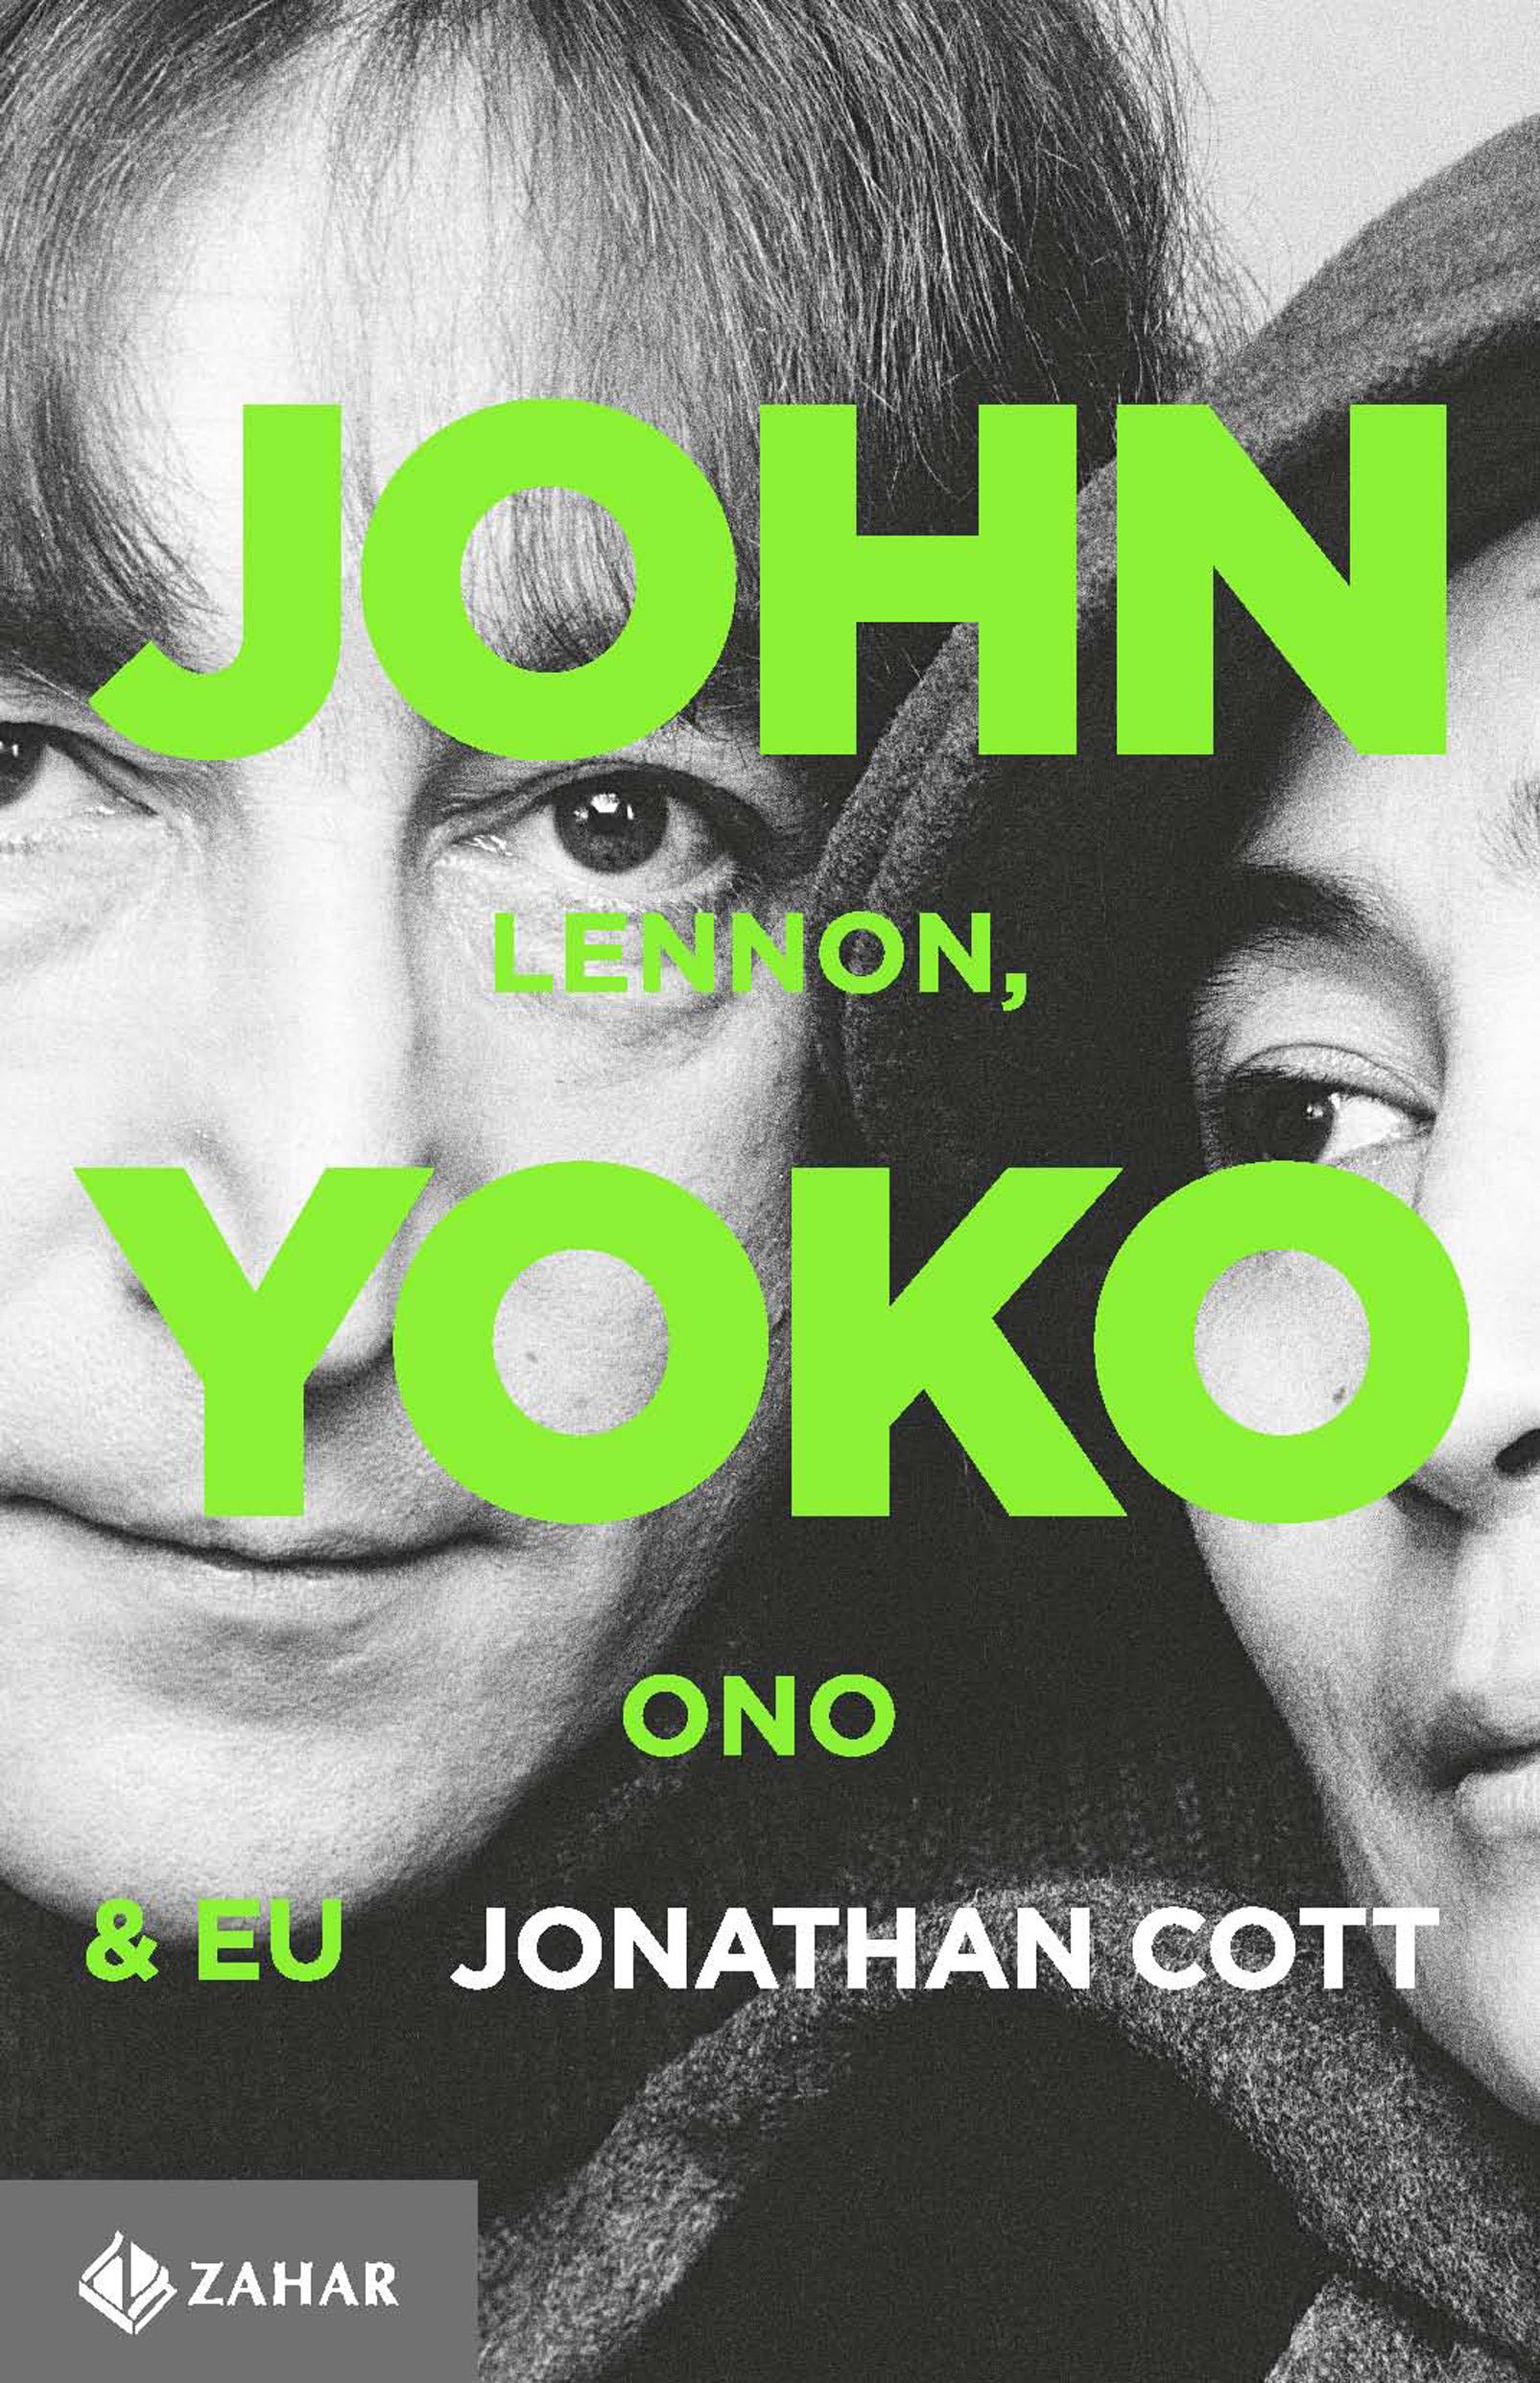 John Lennon, Yoko Ono & Eu